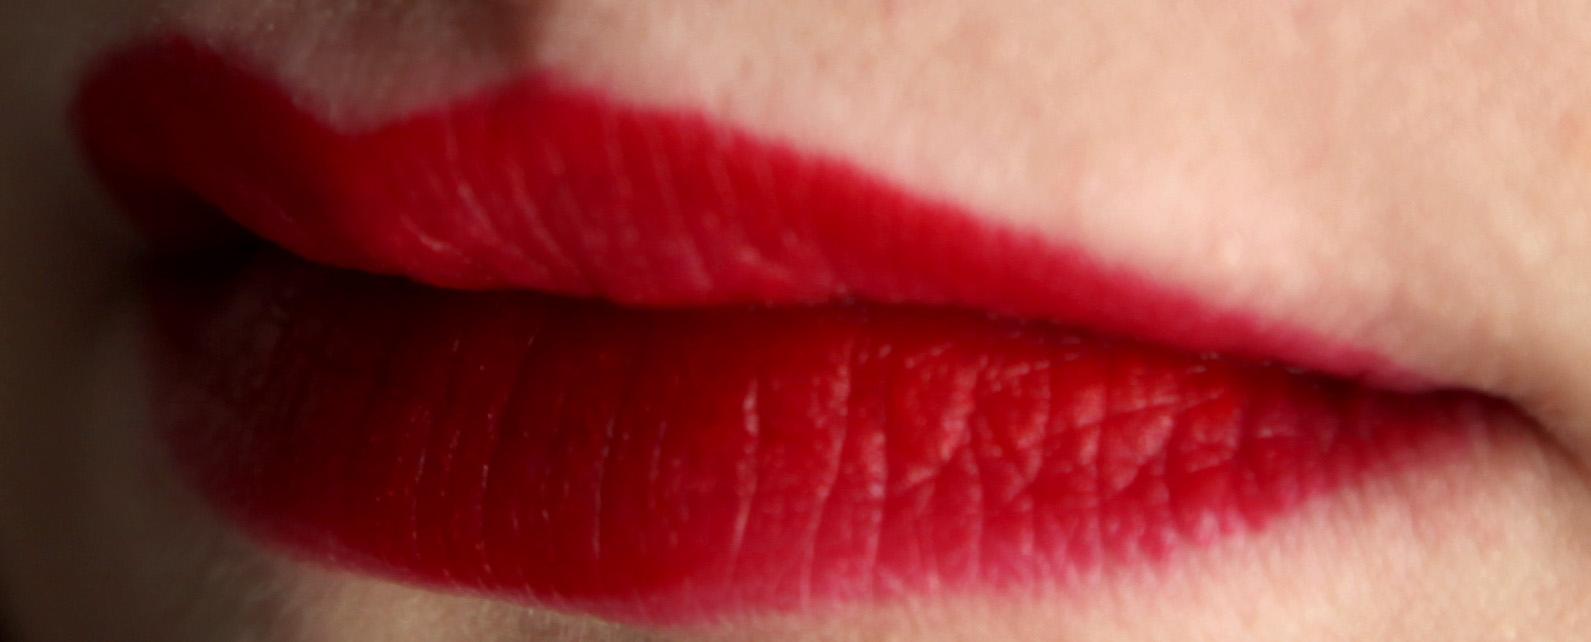 velvet mat lipstick kiko 607 ou l 39 attrape amants la vie nocturne du hibou. Black Bedroom Furniture Sets. Home Design Ideas